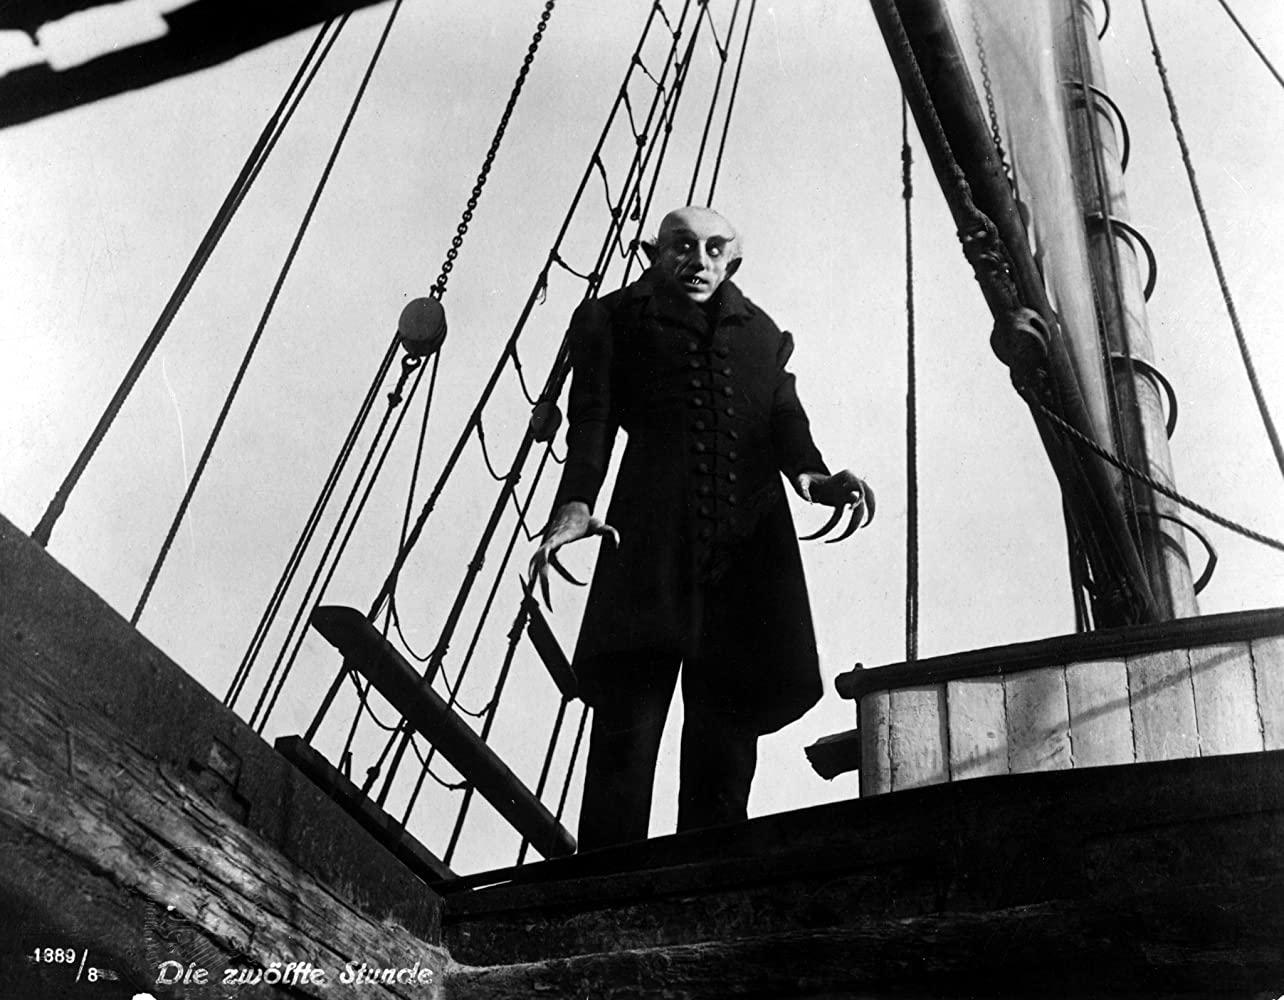 ۵ فیلم ترسناک برتر تاریخ سینما برای تماشا کردن در تنهایی